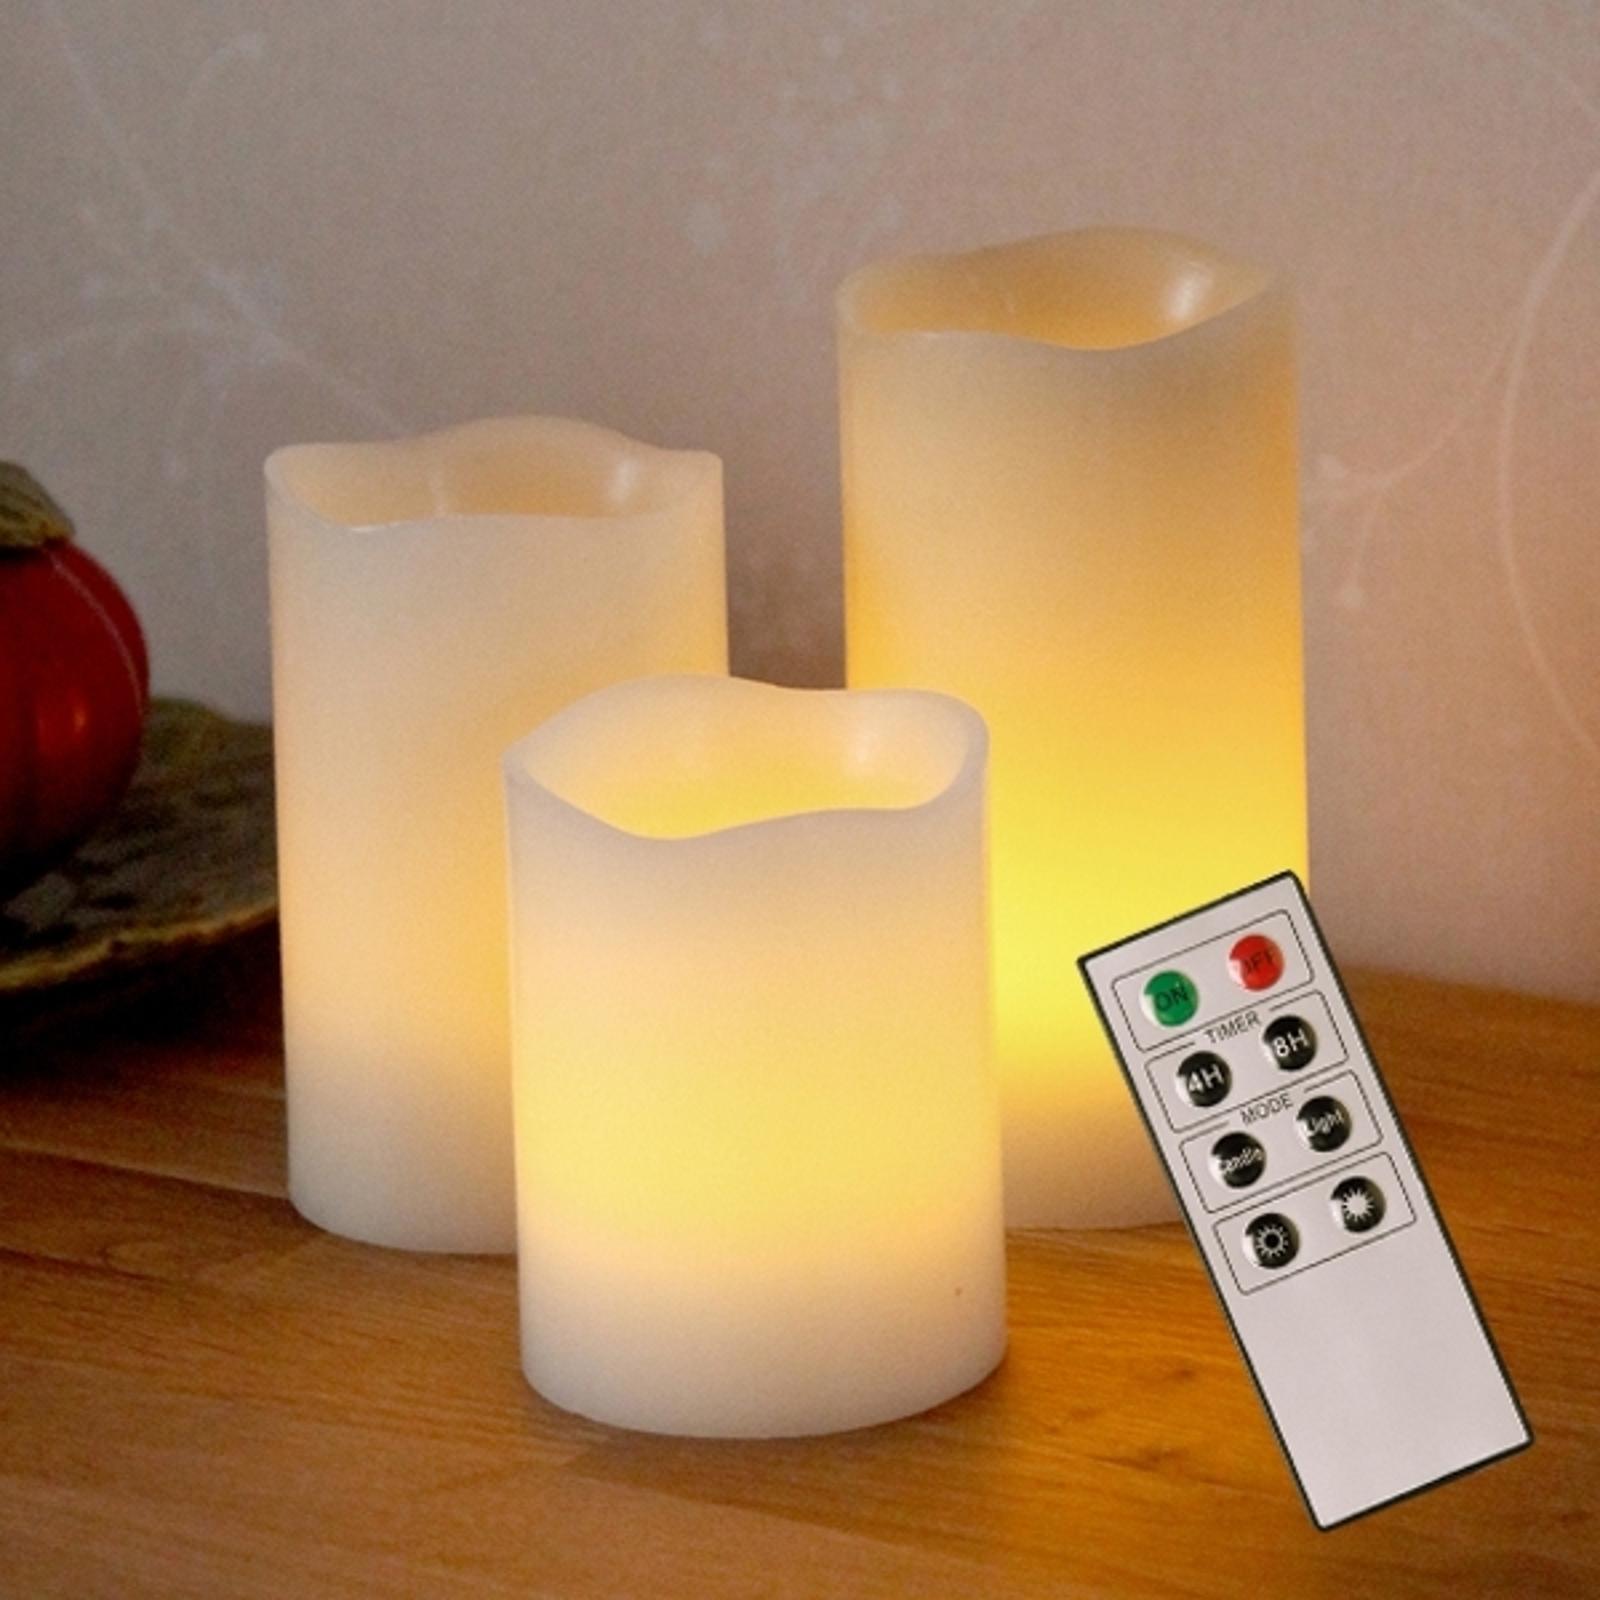 LED ozdobná sviečka Candle Wax z vosku_1522391_1